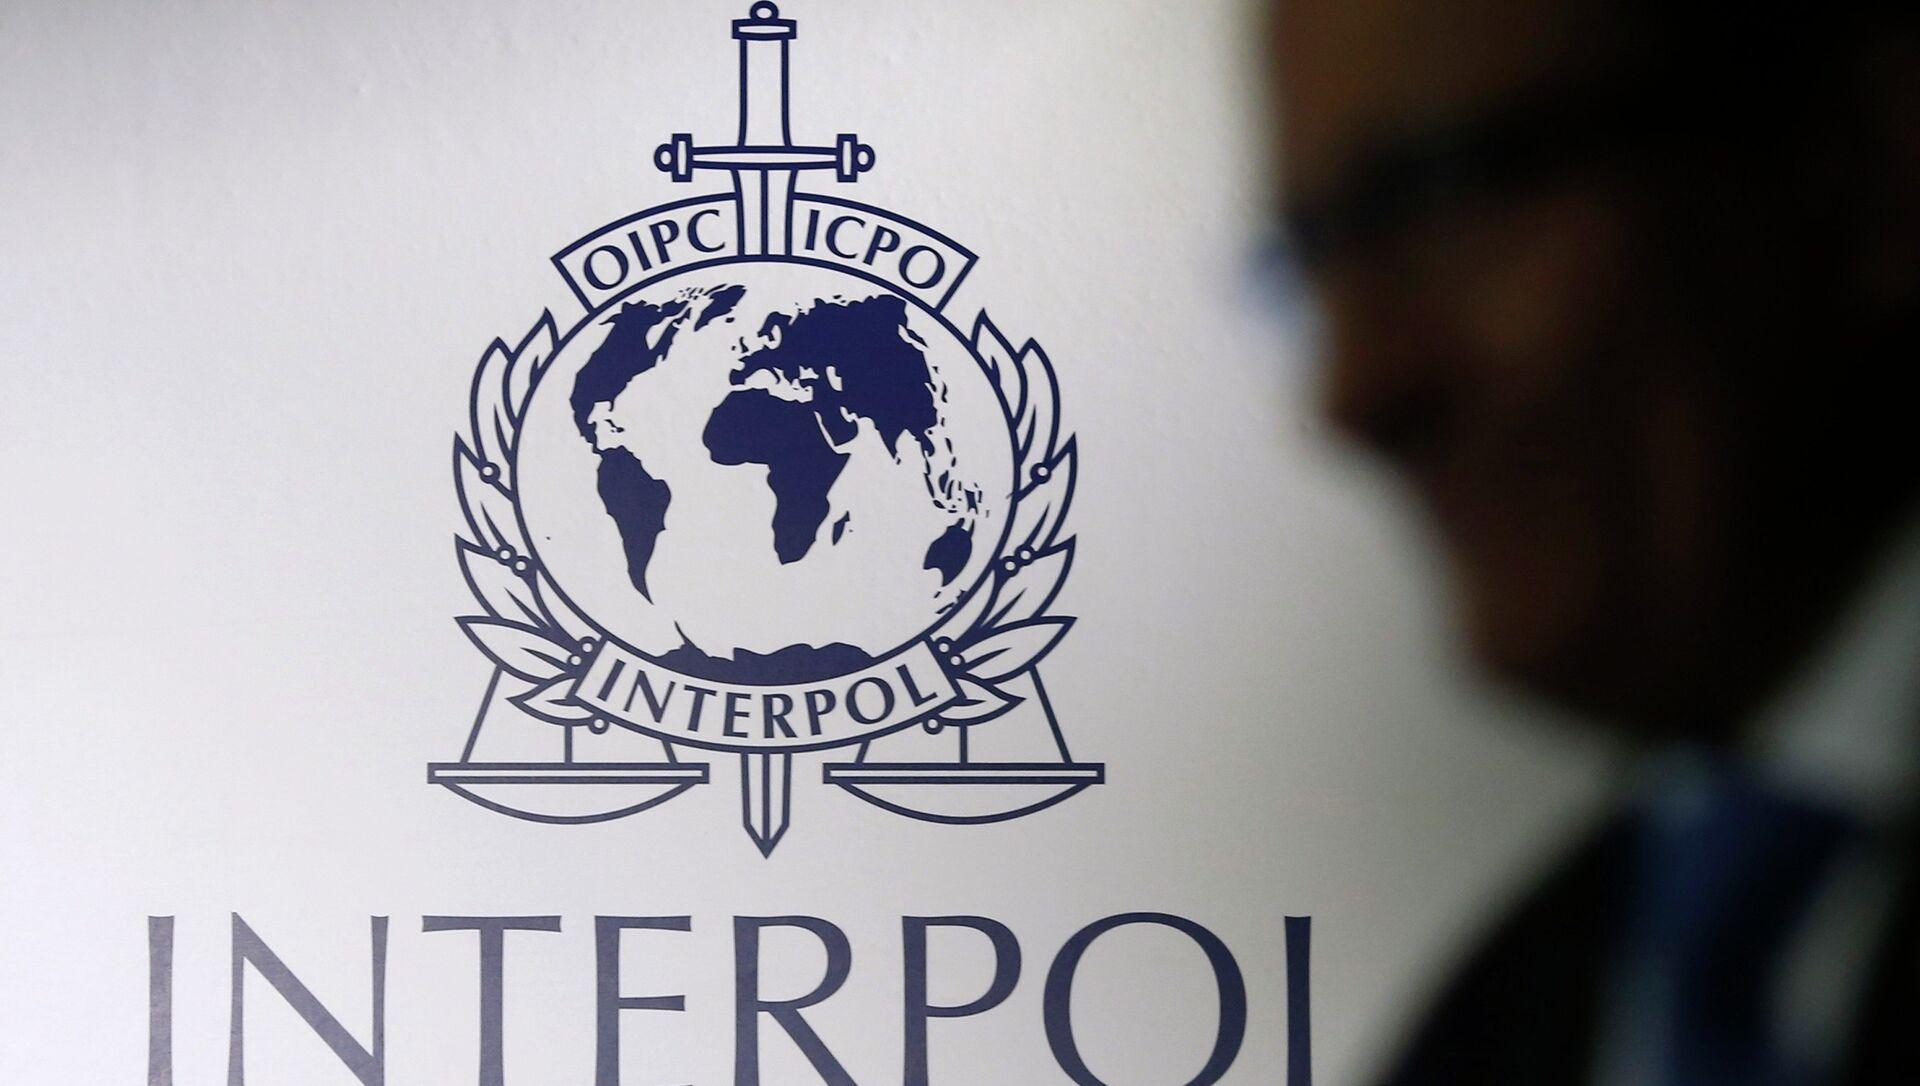 Logo de Interpol - Sputnik Mundo, 1920, 21.08.2020